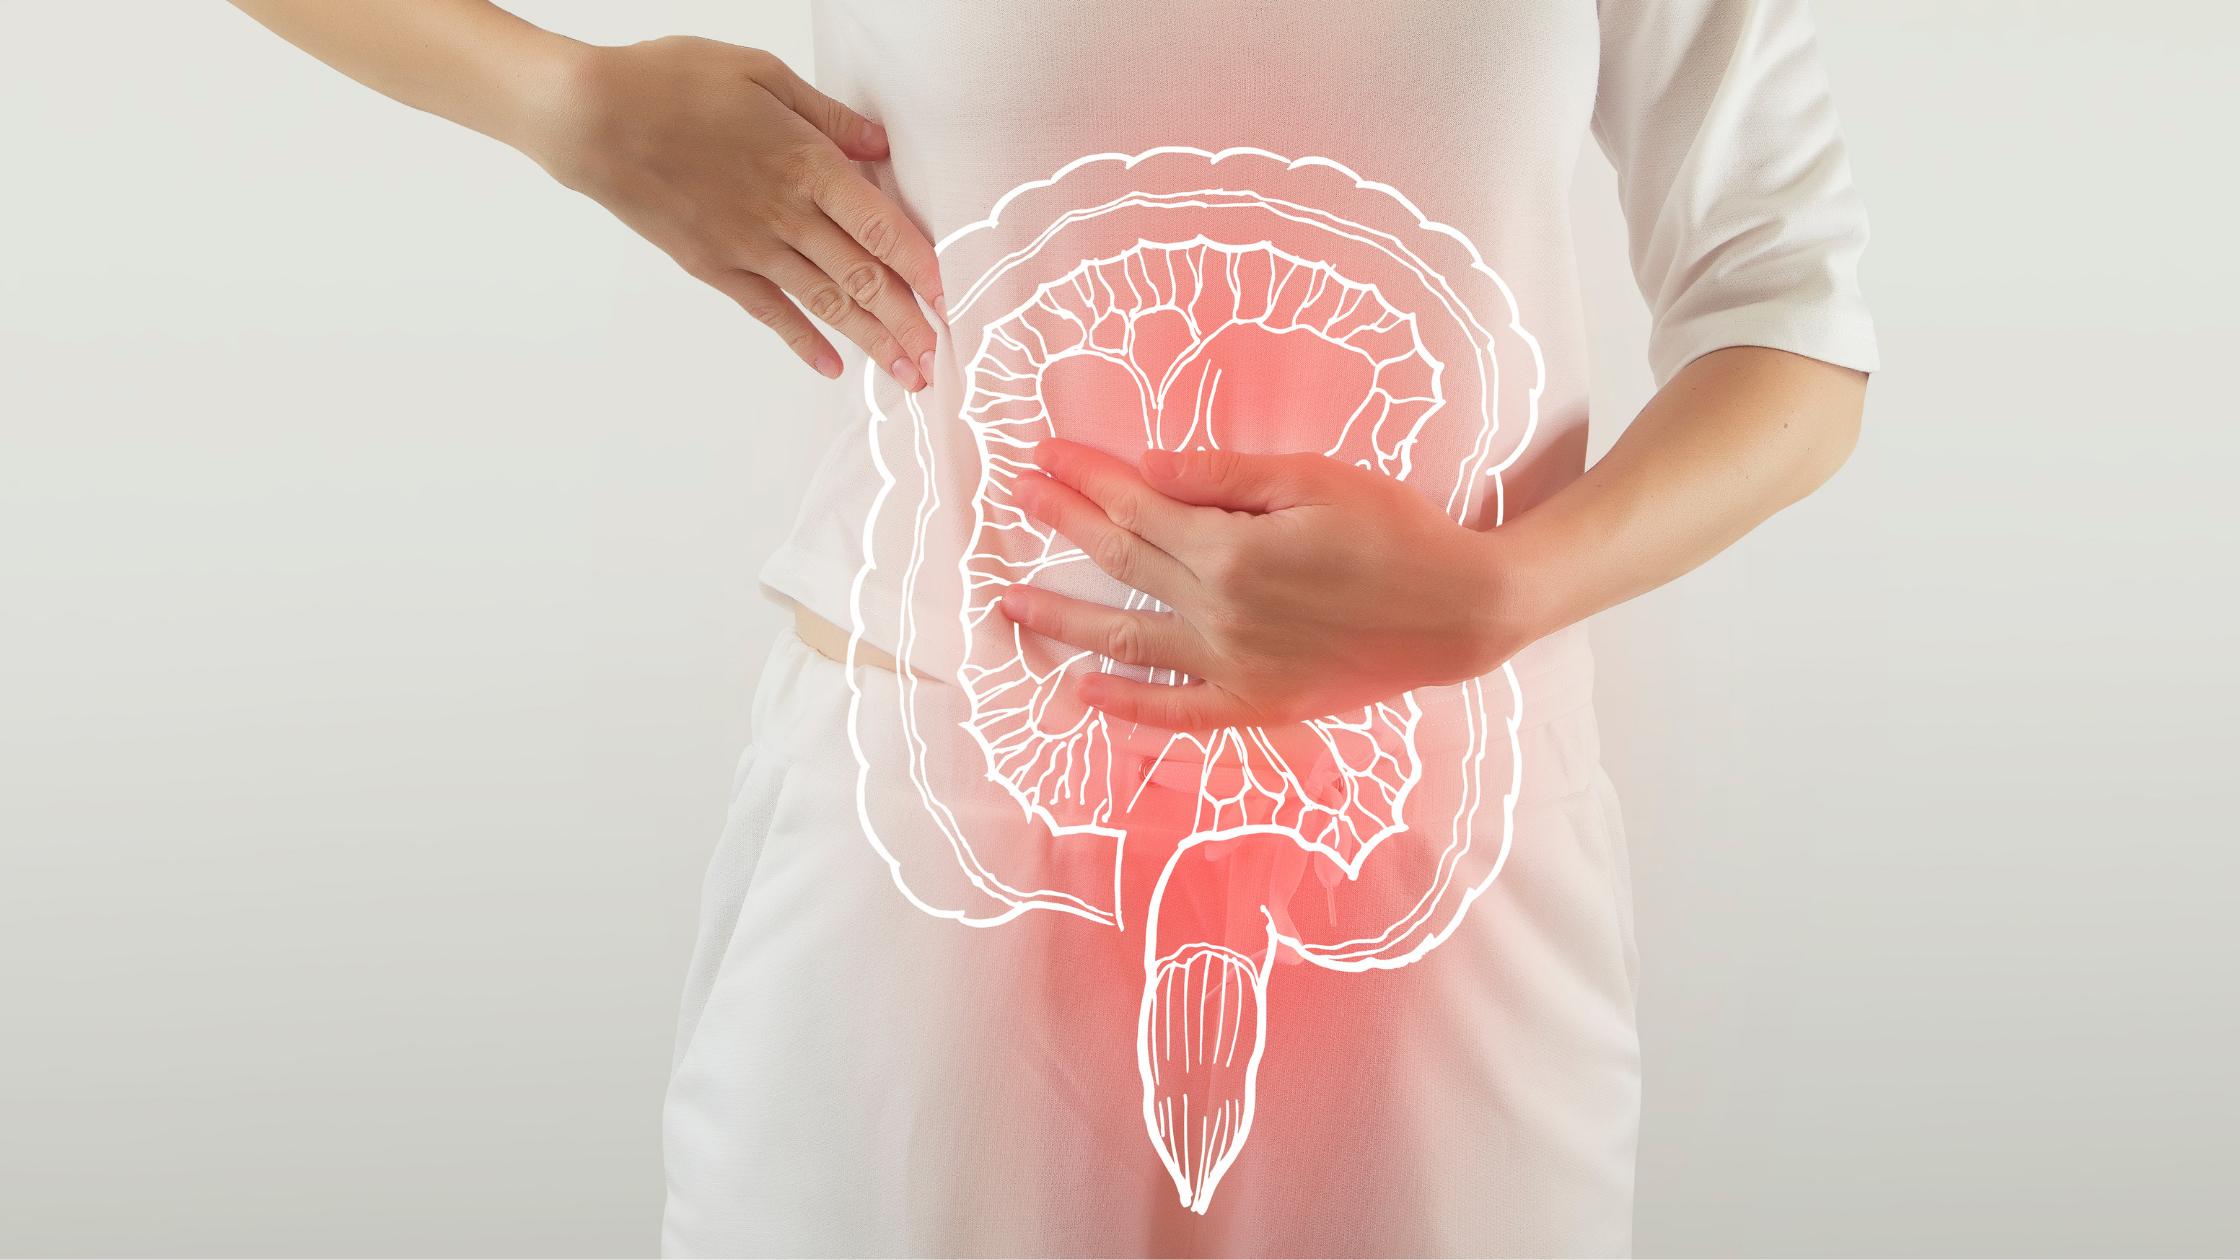 Intestin douloureux et infllammé